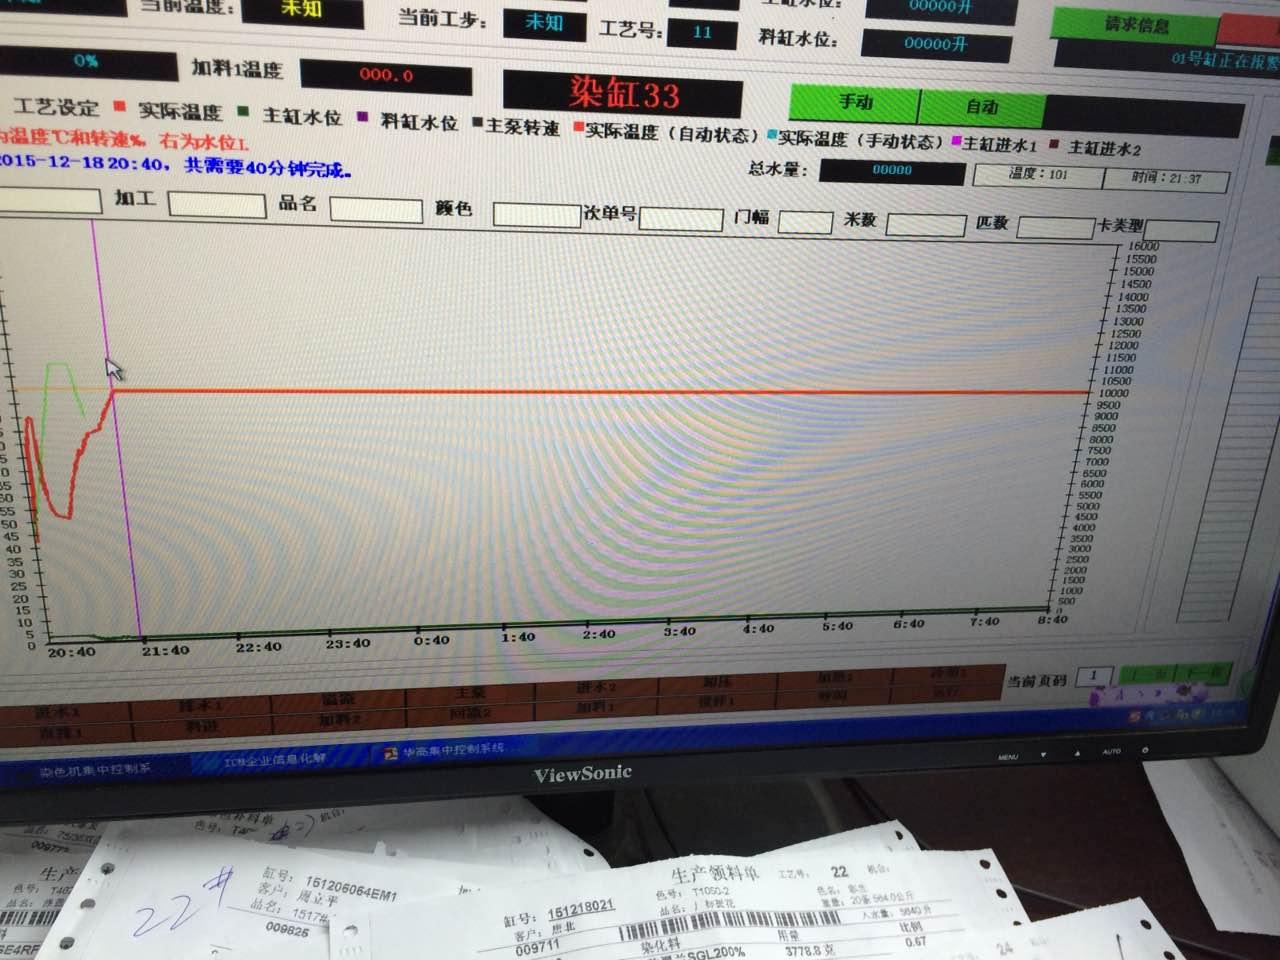 染色中央监控管理系统